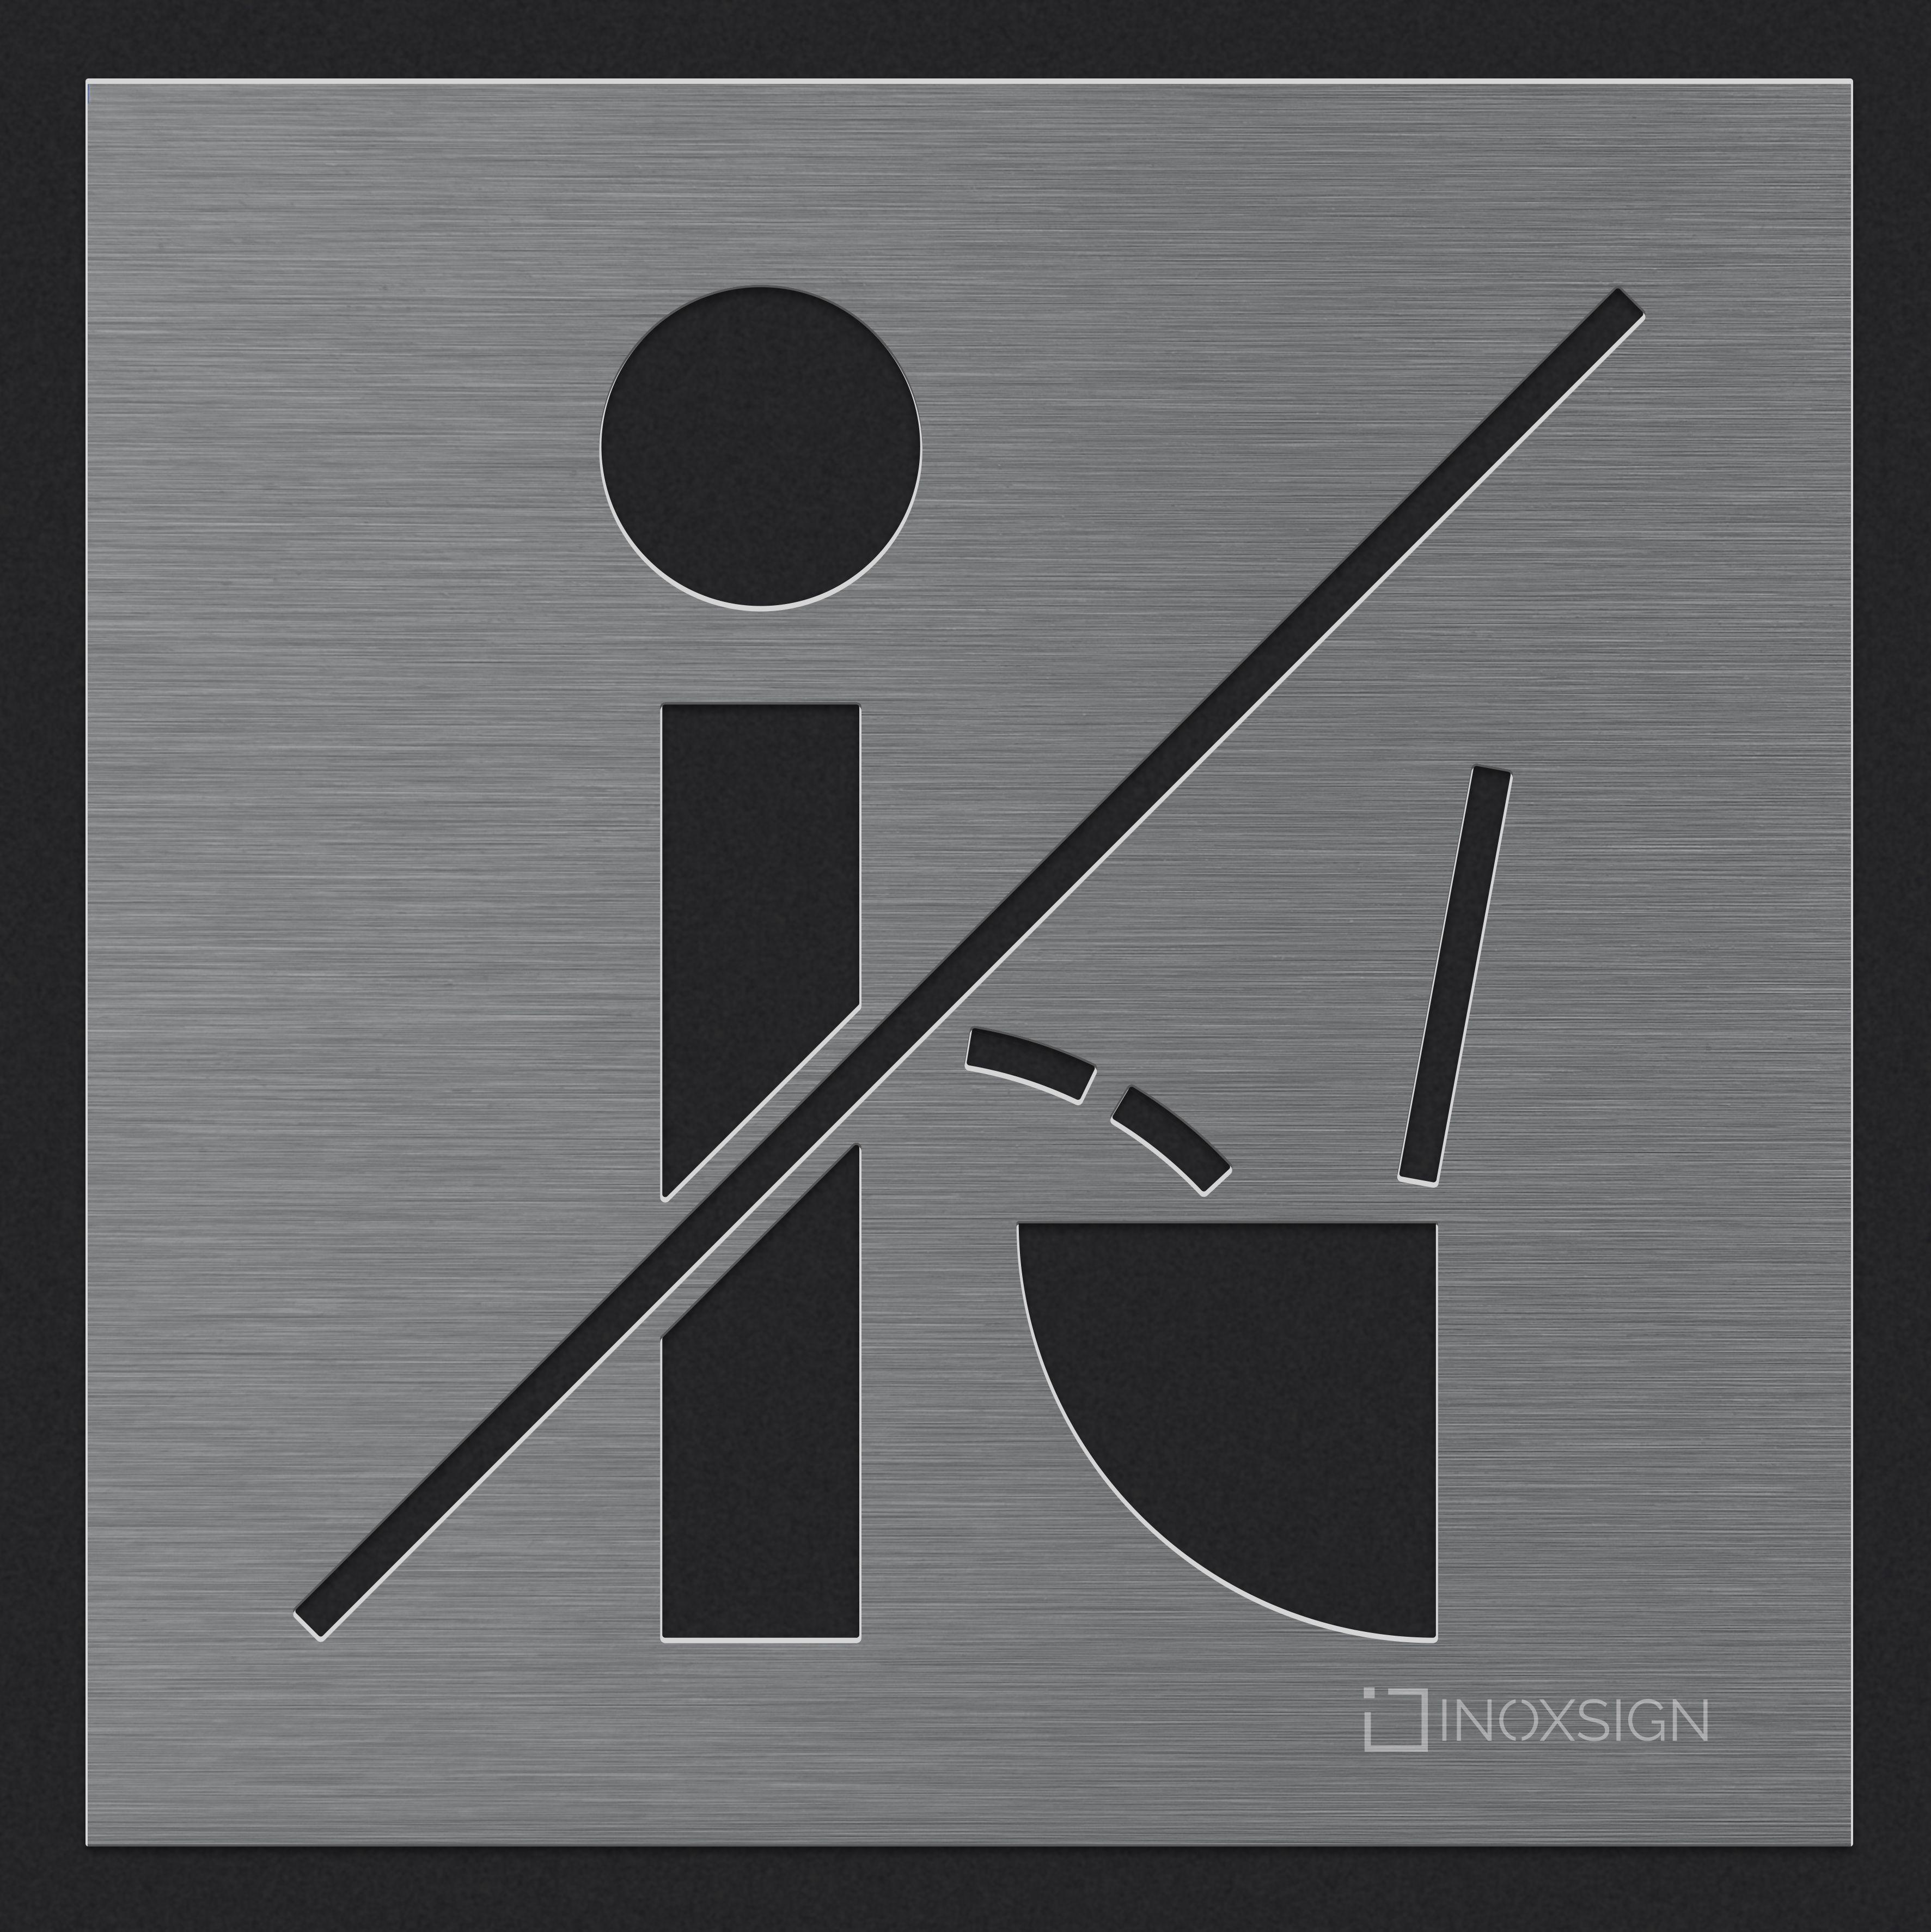 Original Inoxsign Hinweisschilder Sind Erhaltlich Als Toilettenschild Wc Schild Und Turschild Bitte Setzen Sc Wc Schild Toilettenschilder Toiletten Schilder